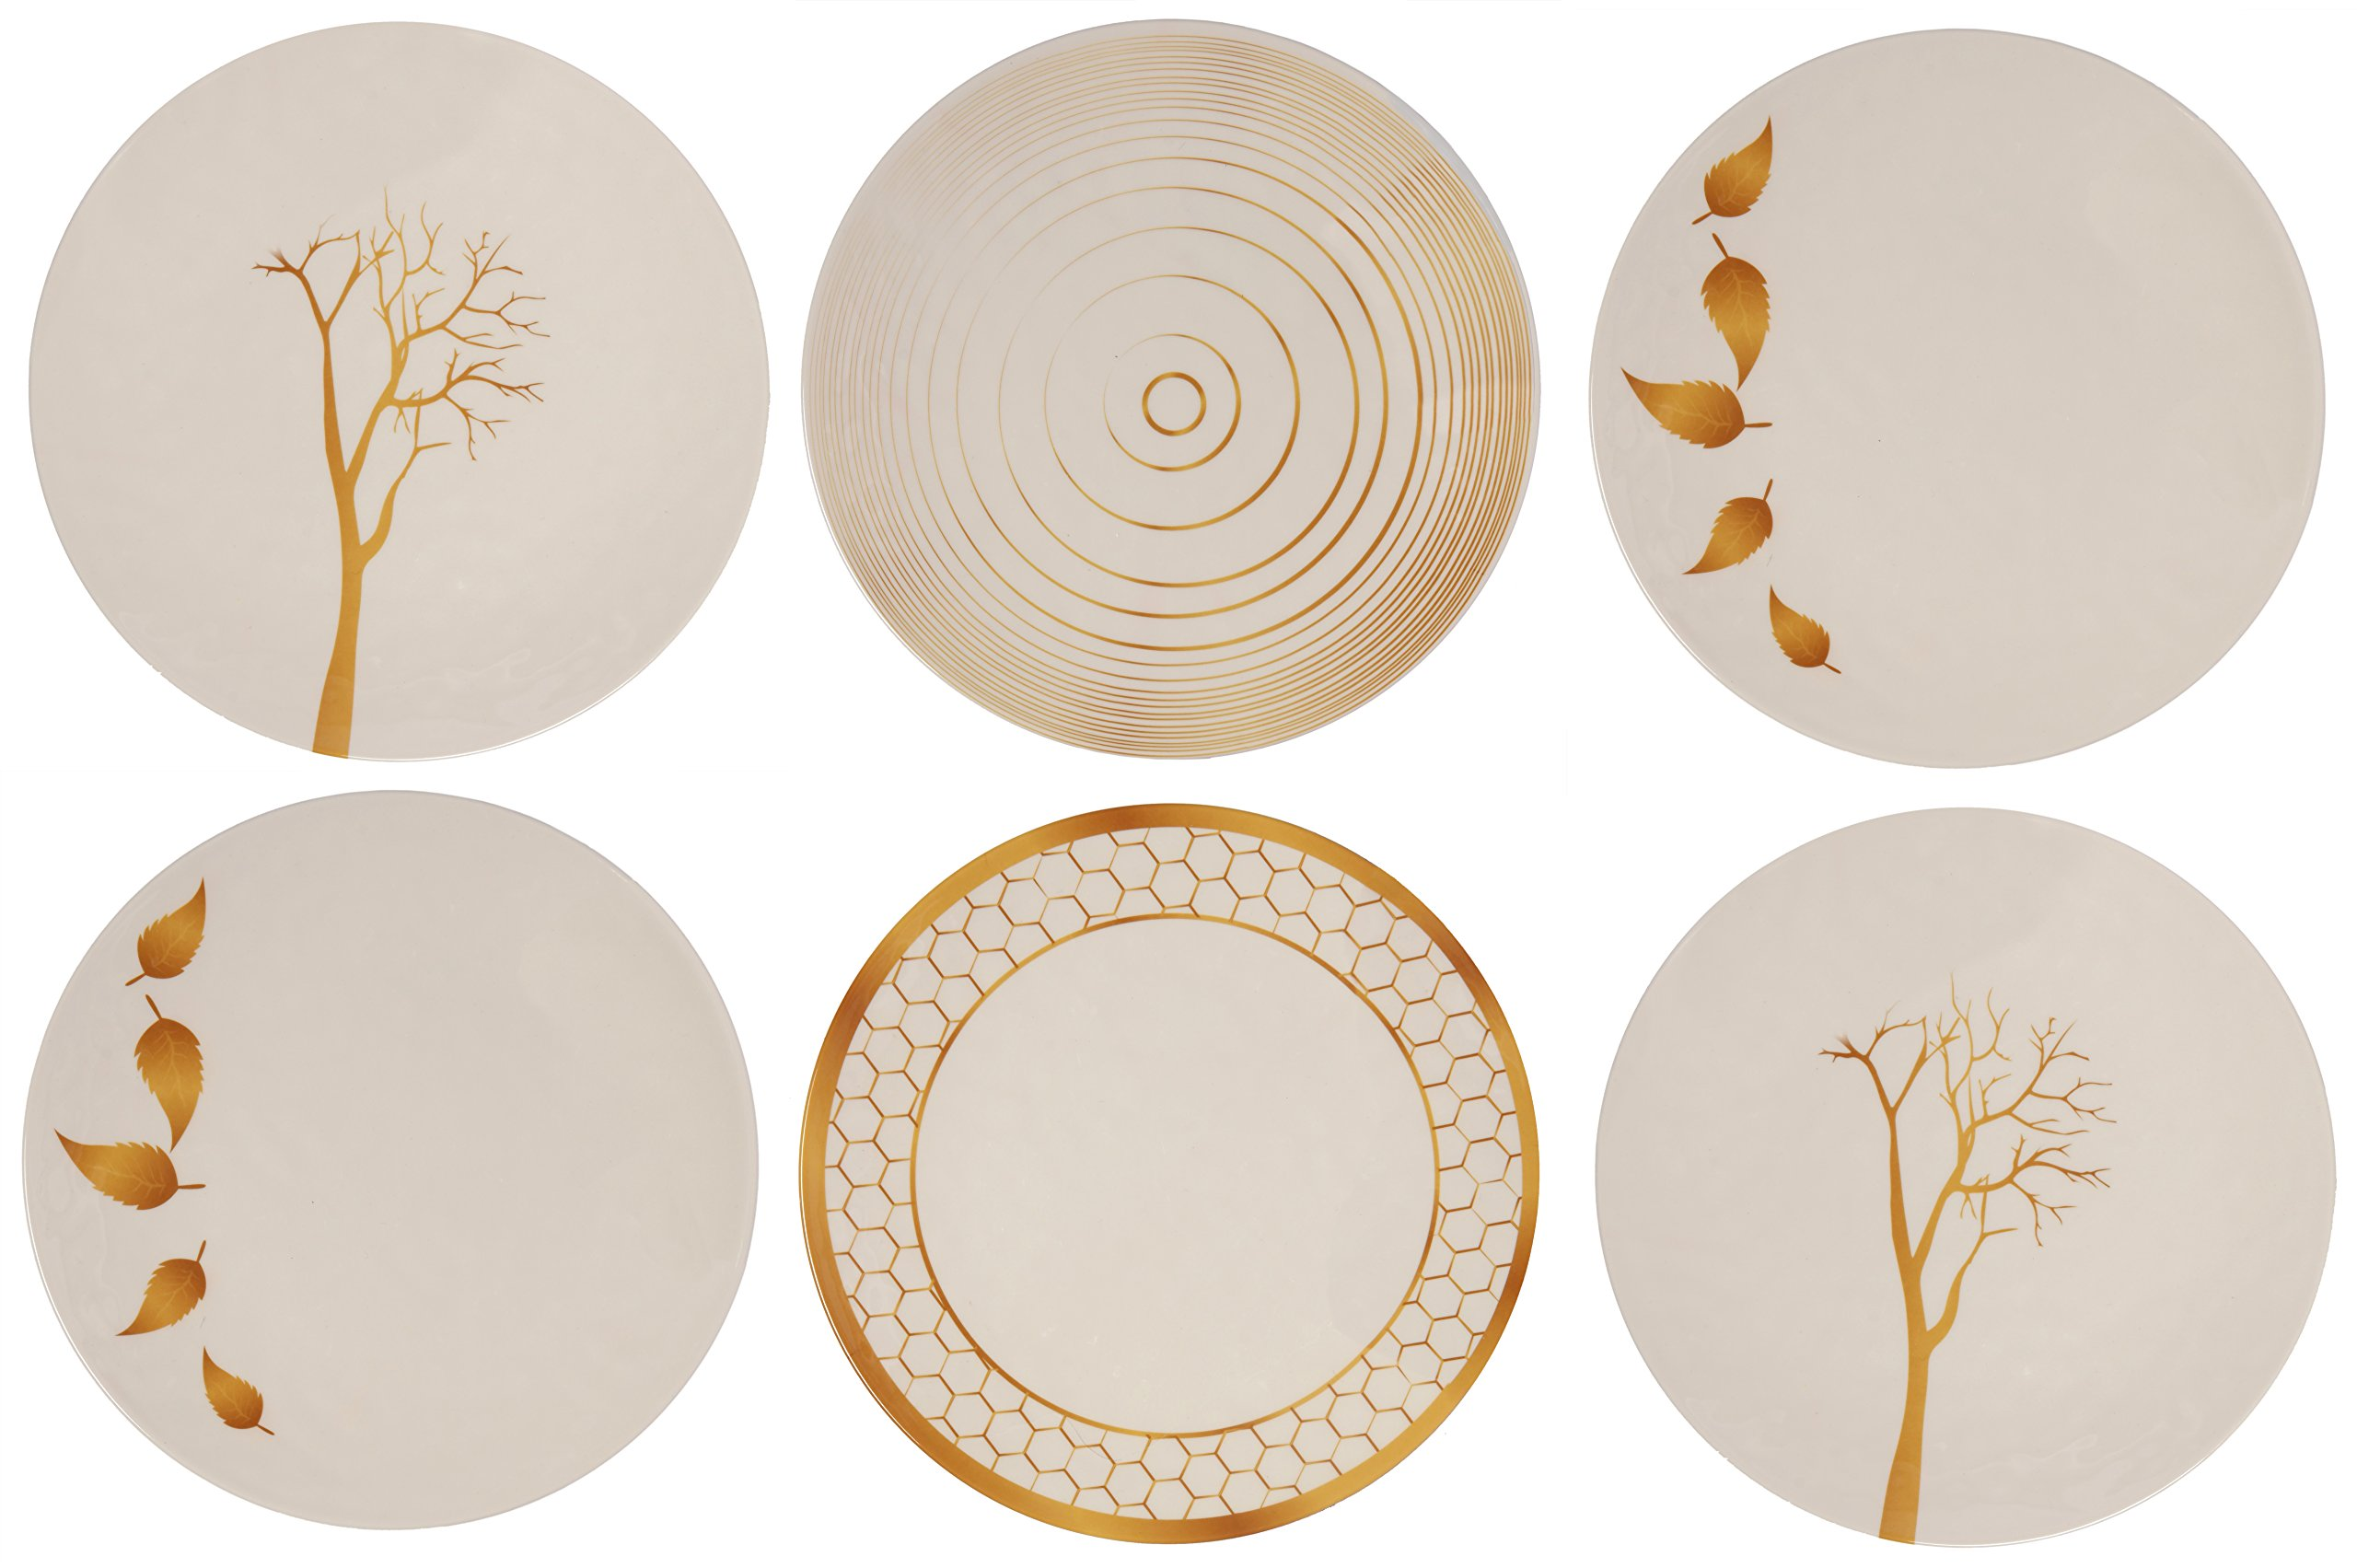 Melange 6-Piece 100% Melamine Dinner Plate Set (Gold Nature Collection )   Shatter-Proof and Chip-Resistant Melamine Dinner Plates